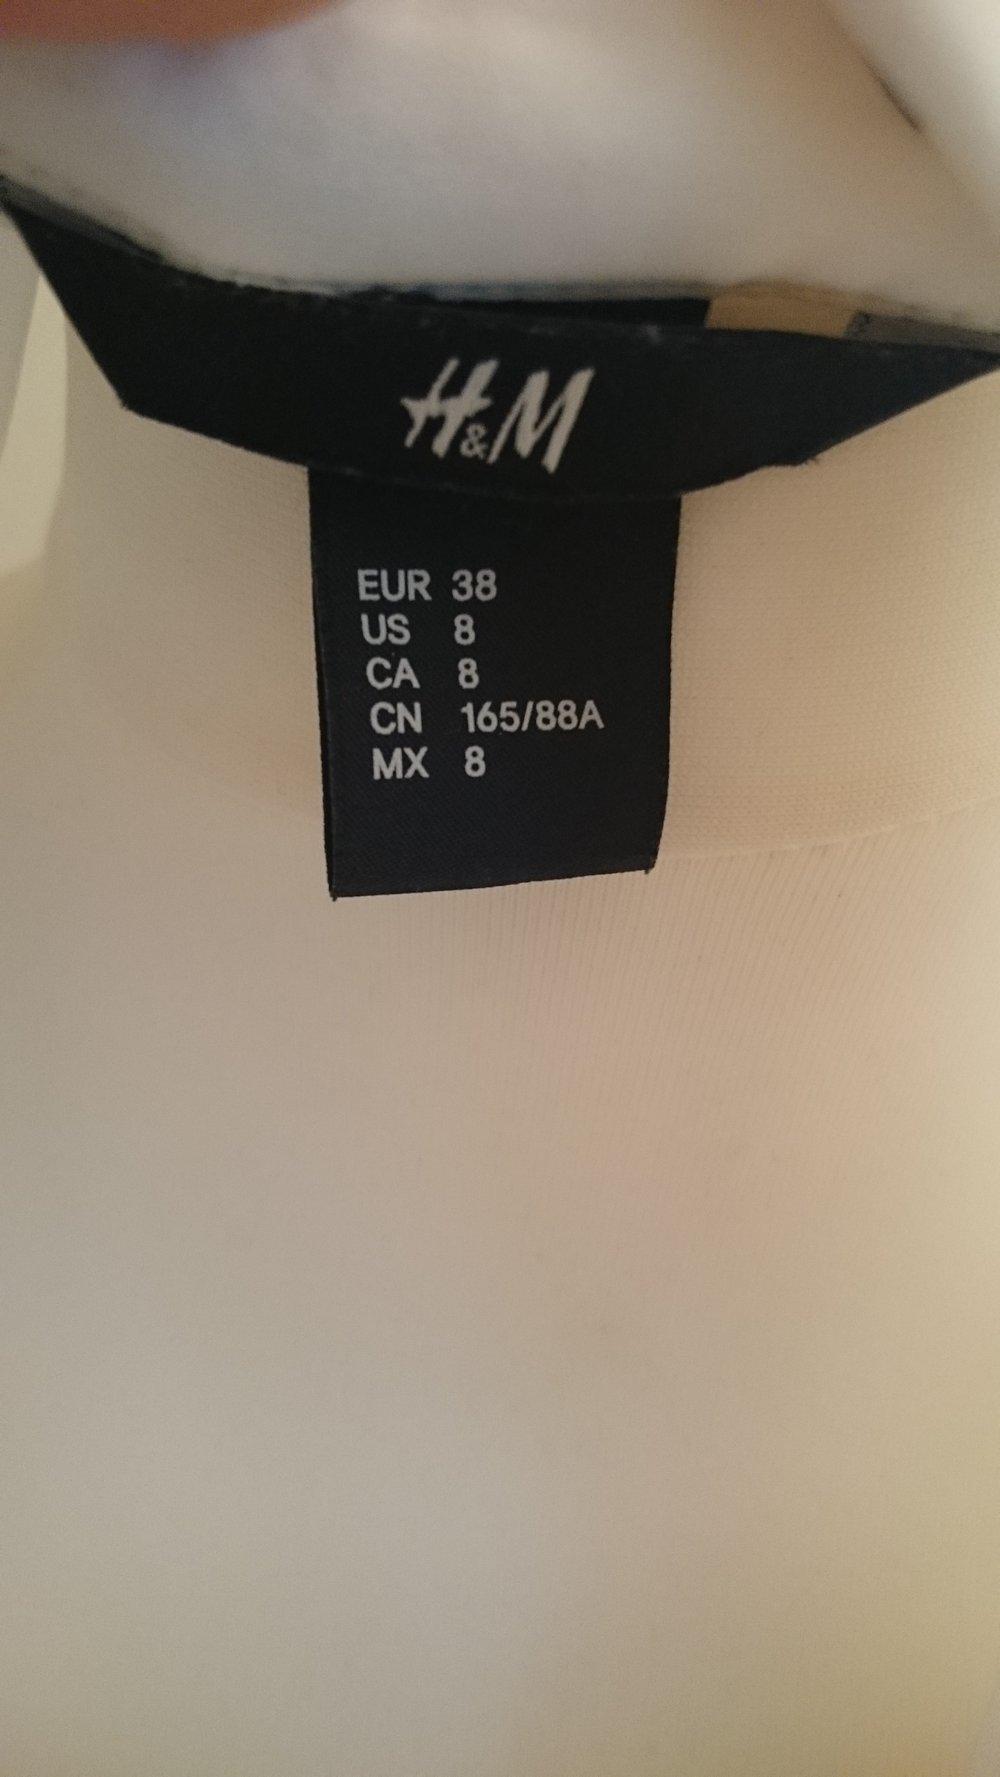 c1e899924d8aa7 H&M Bluse weiß mit Diamanten H&M Bluse weiß mit Diamanten ...